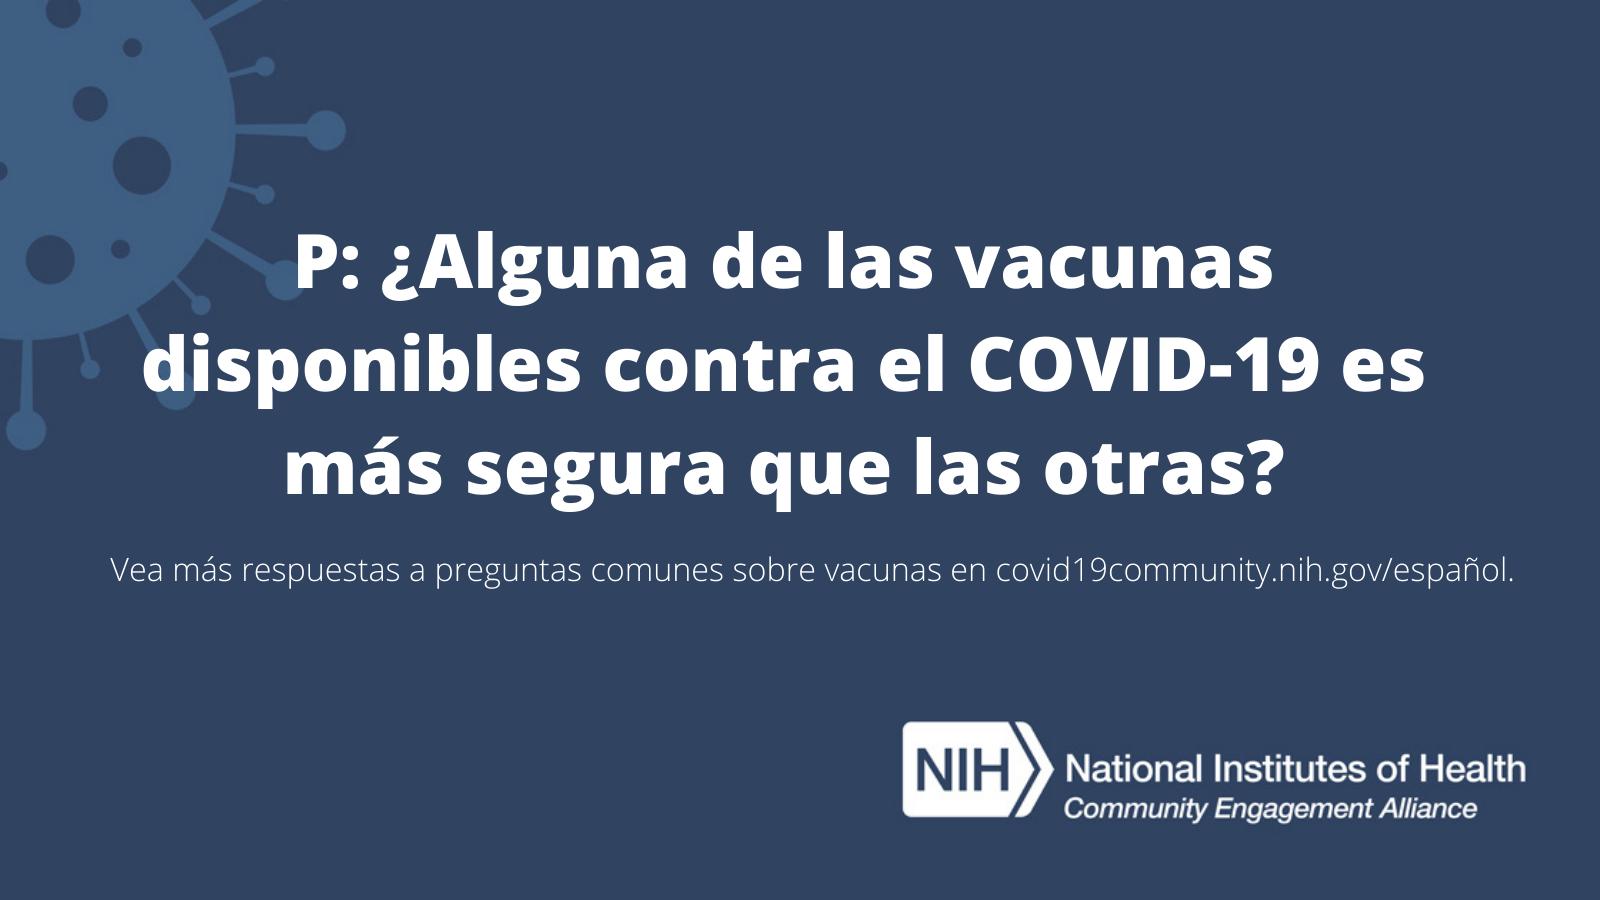 P: ¿Alguna de las vacunas disponibles contra el COVID-19 es más segura que las otras?